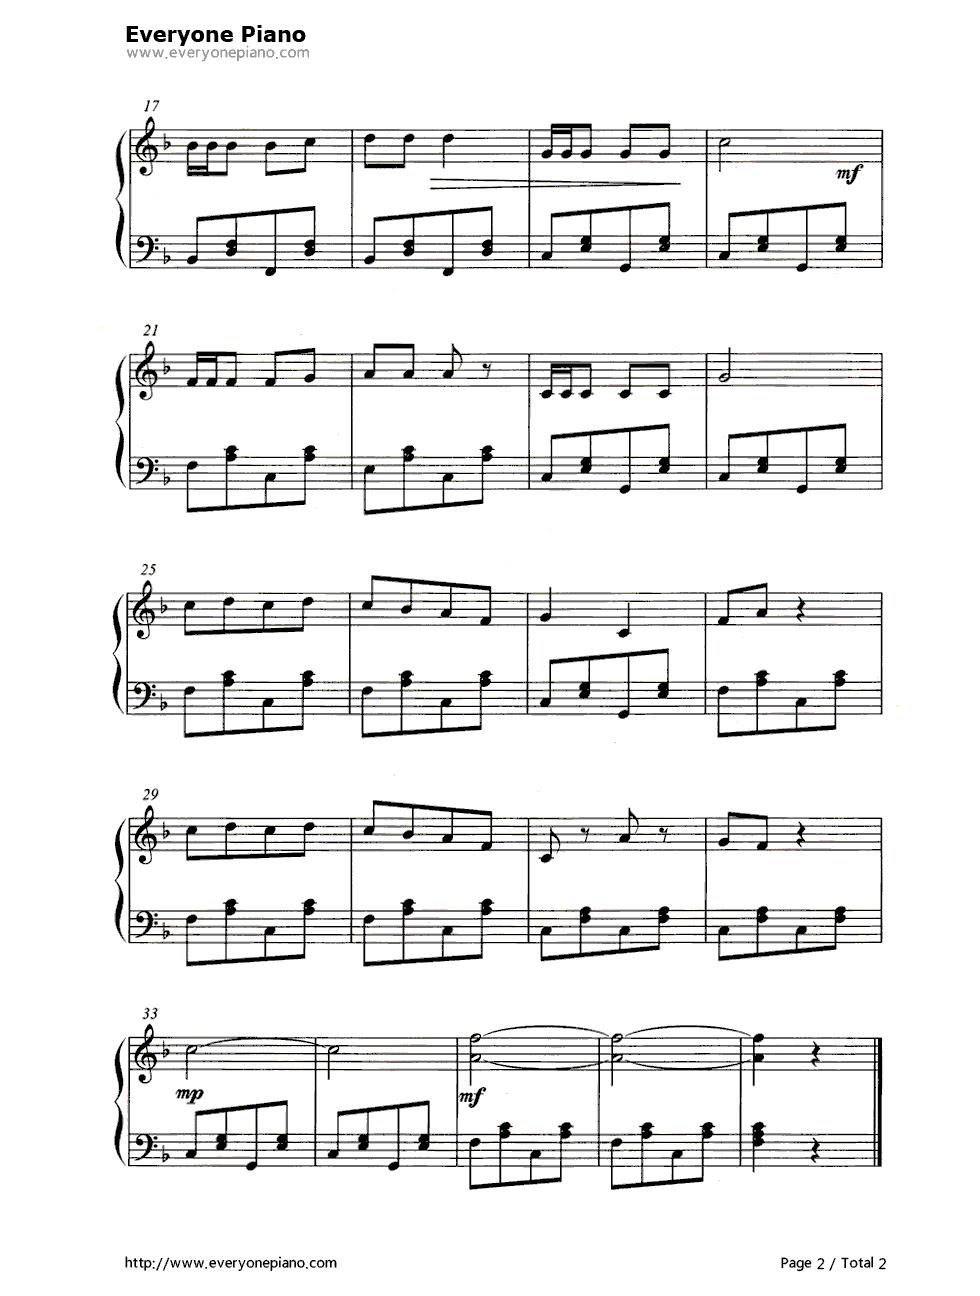 嘀哩嘀哩又名《春天在哪裏》五线谱预览2-钢琴谱档